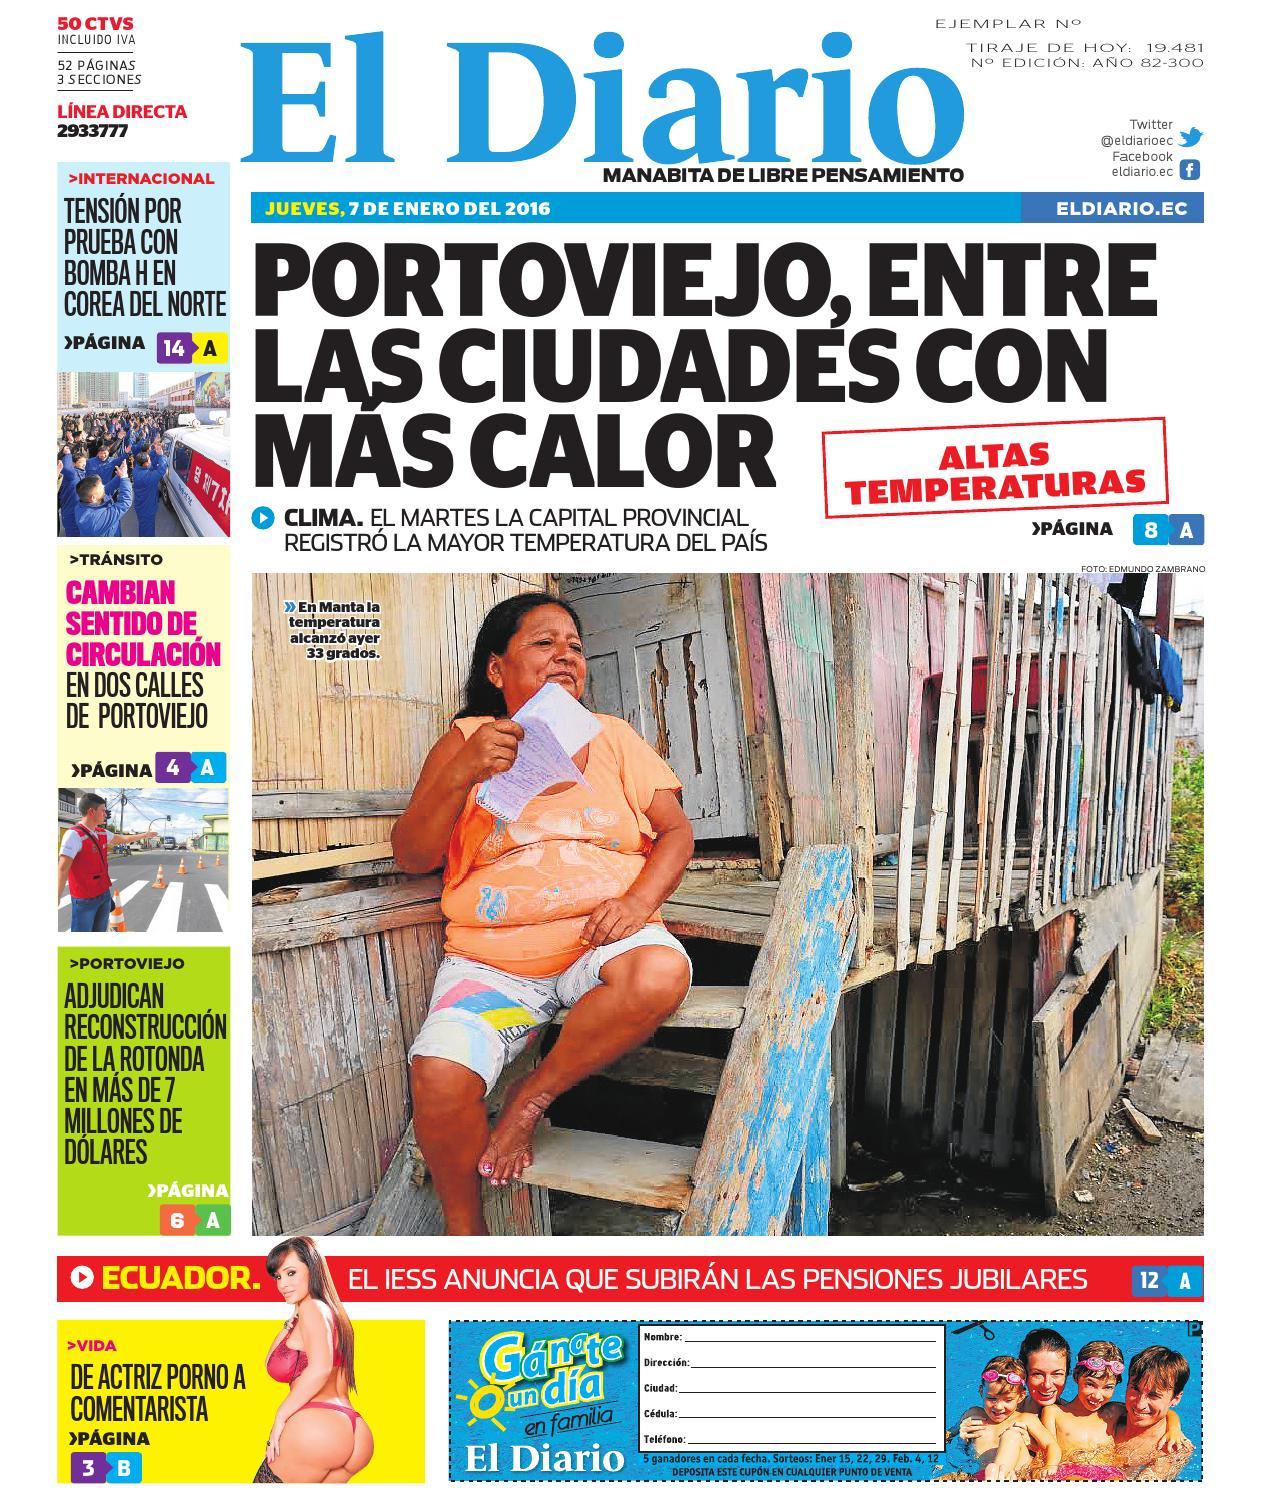 El diario 7 de enero del 2015 by EDIASA - issuu c93754a76cc